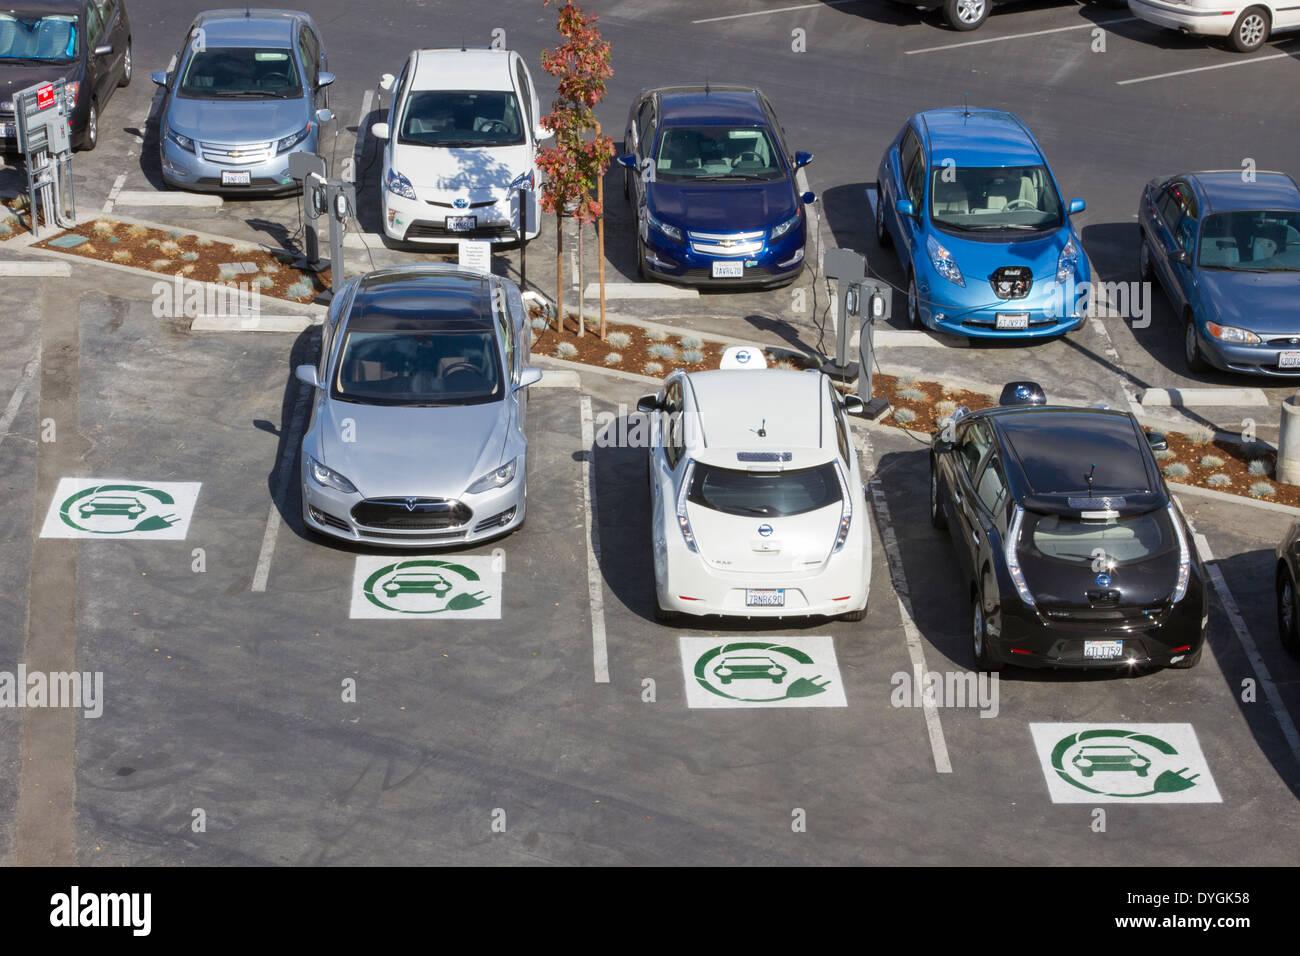 Diversi tipi di plug-in di auto elettriche parcheggiato a EV stazioni di carica in una società di parcheggio Immagini Stock